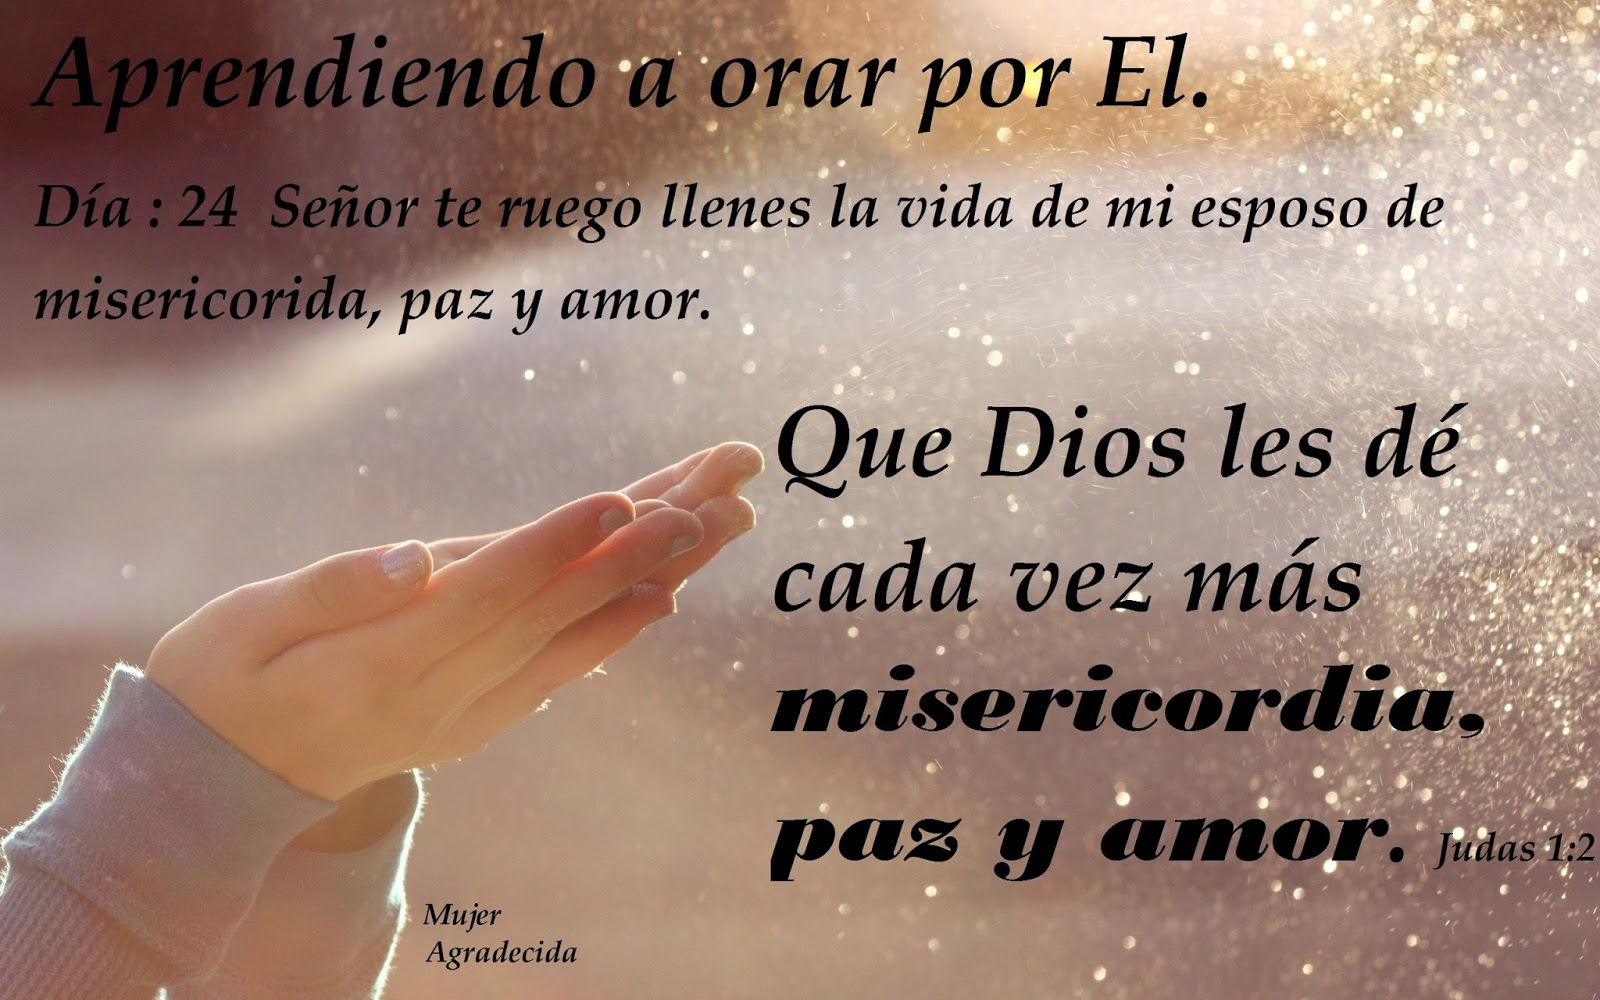 Te Amo Mensaje Escrito En Arena De Oro Foto De Archivo: El Cristiano: Misericordia,amor Y Paz